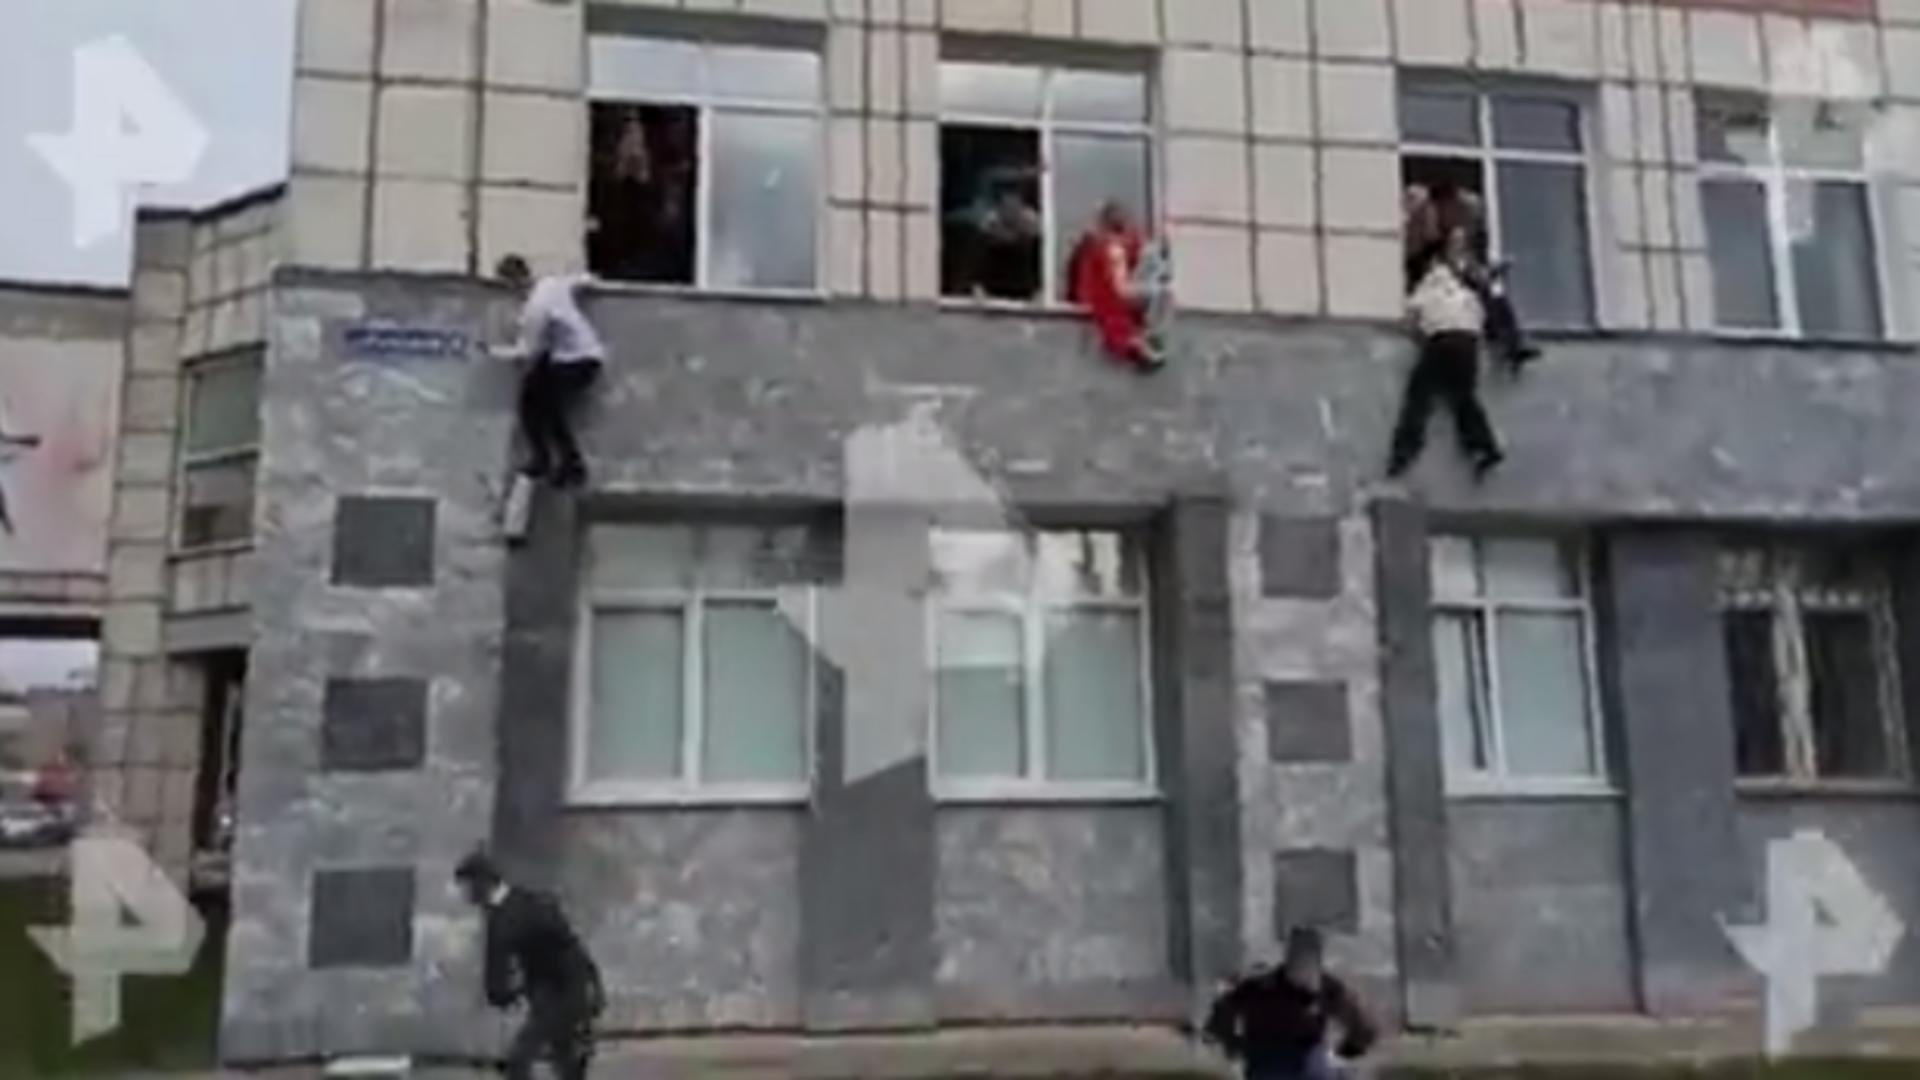 Rusia, atac armat la o universitate din Perm / Captură video Twitter